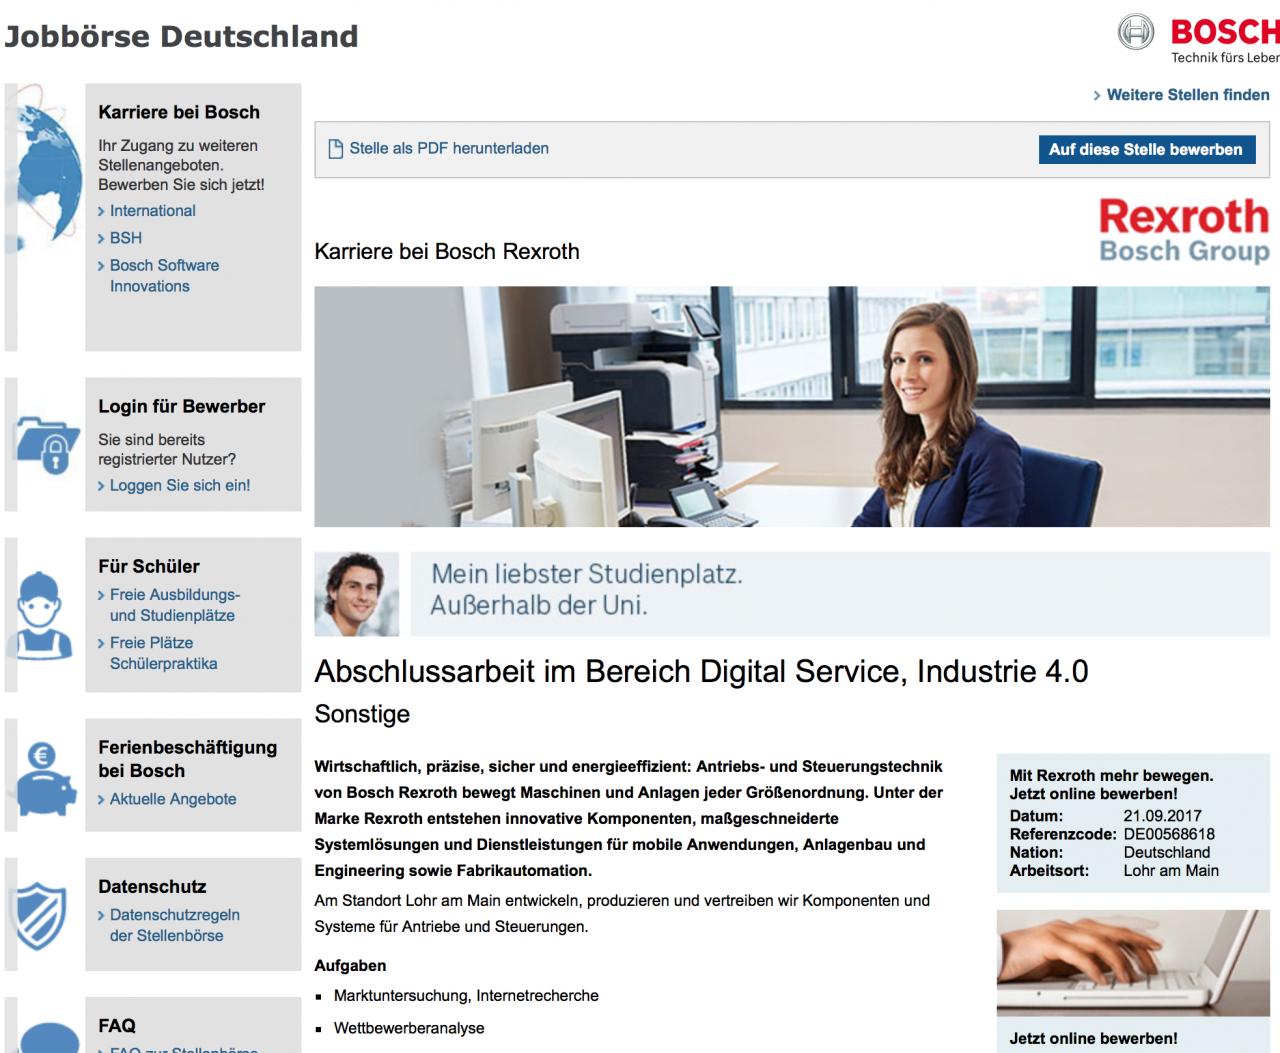 Jobbörse der Firma Bosch